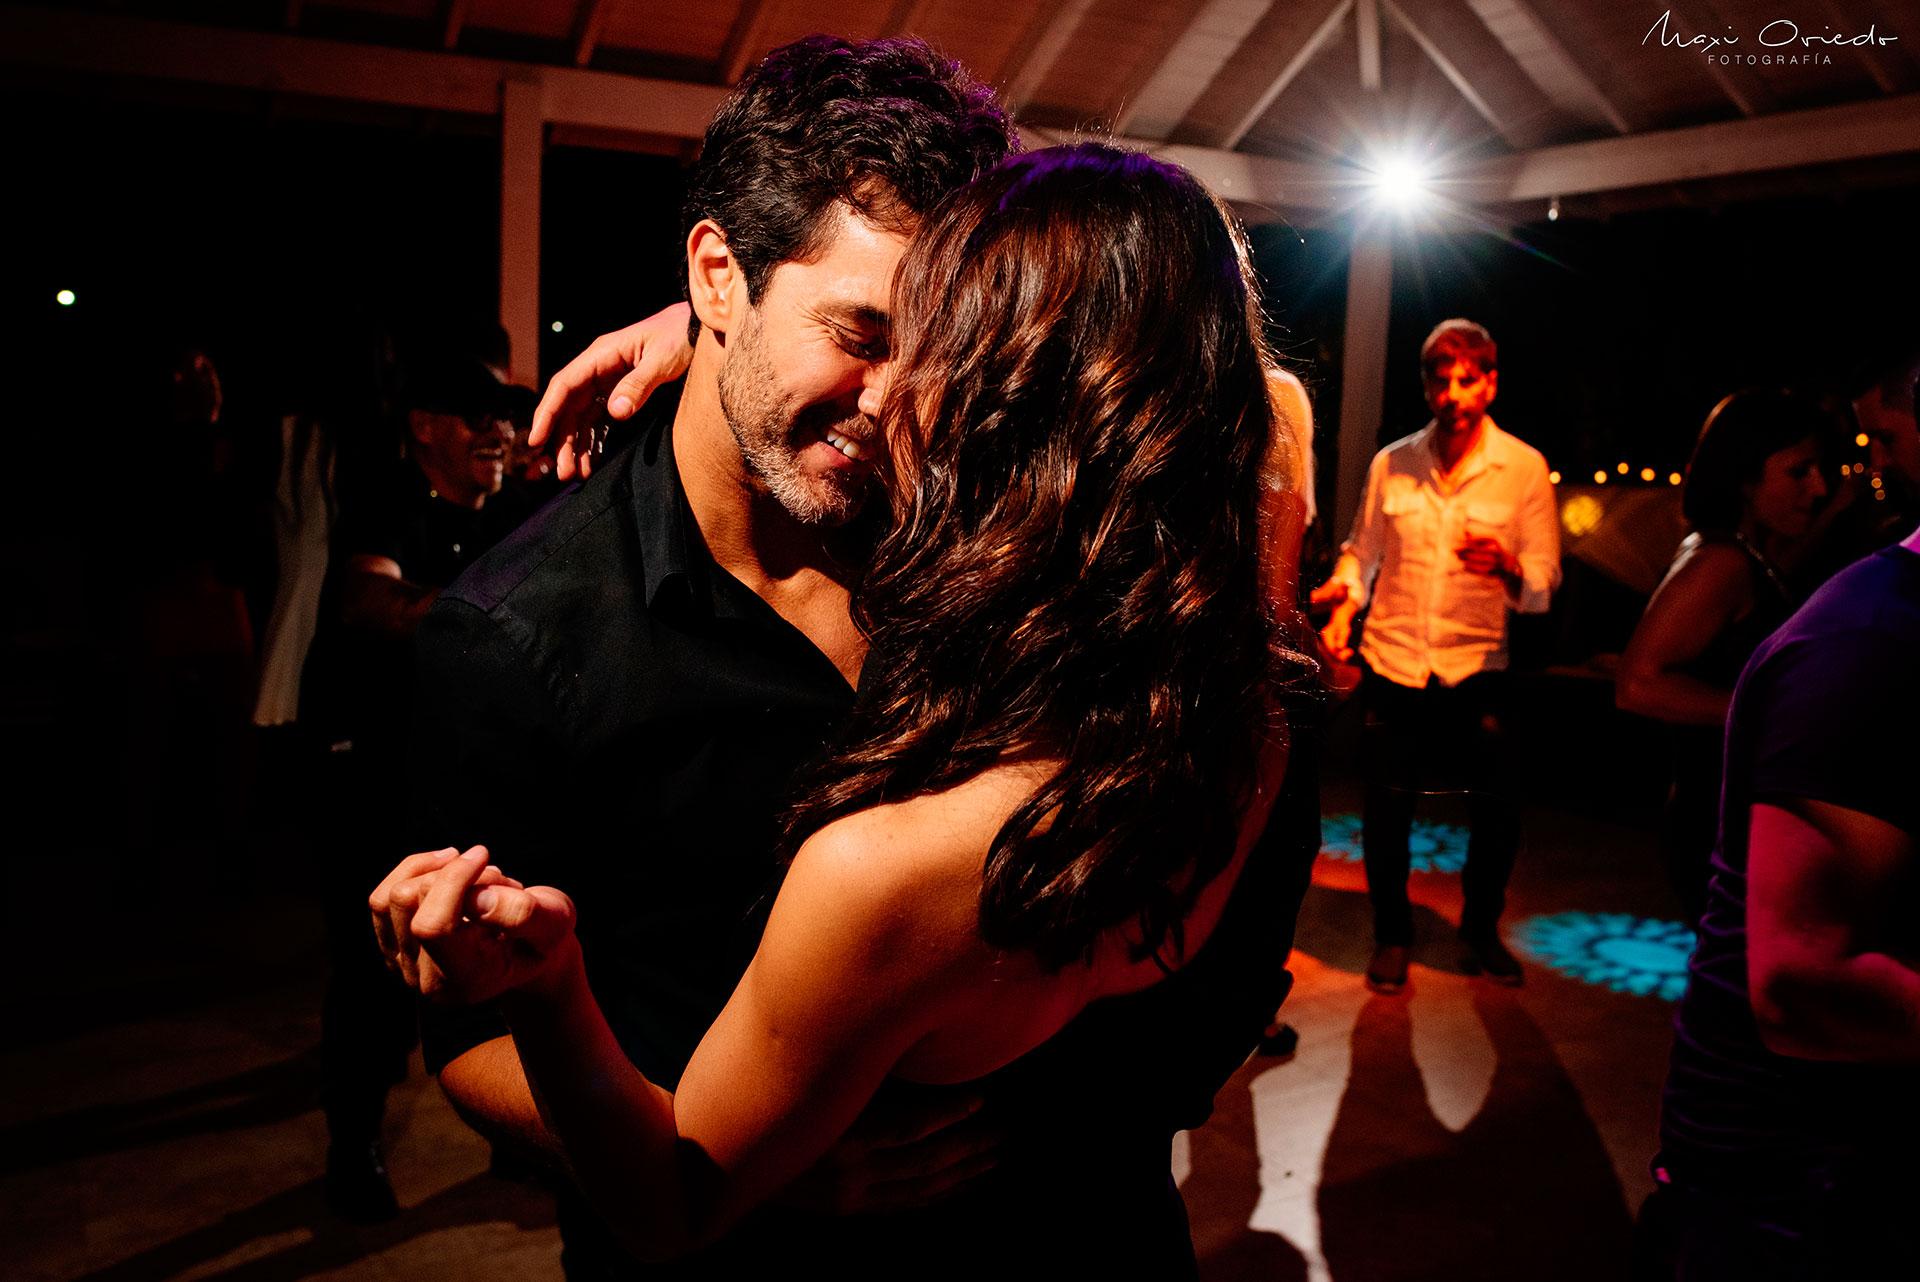 La hora del baile!